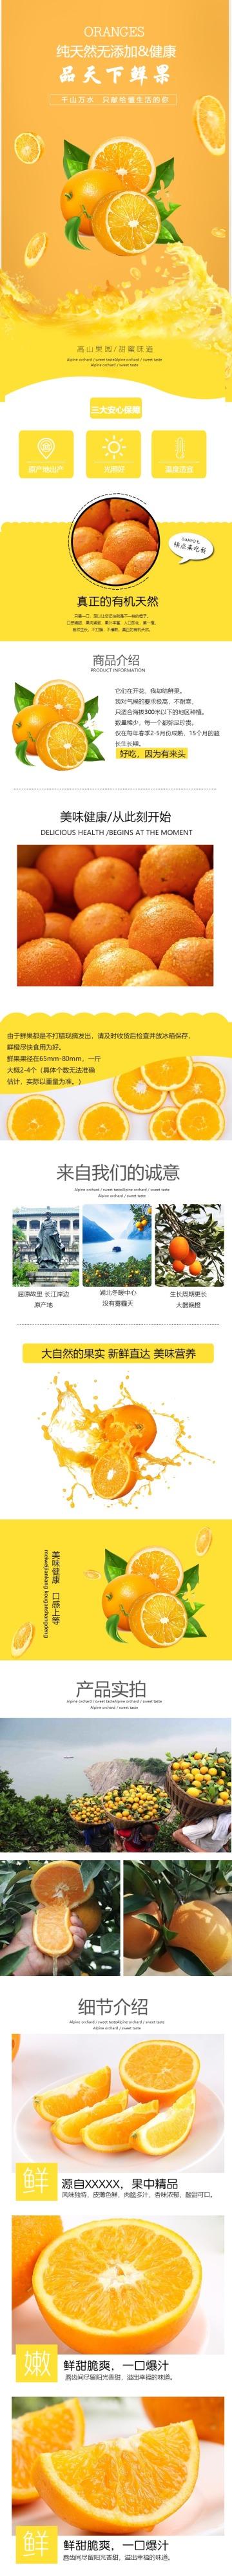 清新简约百货零售生鲜水果脐橙橙子促销电商详情页